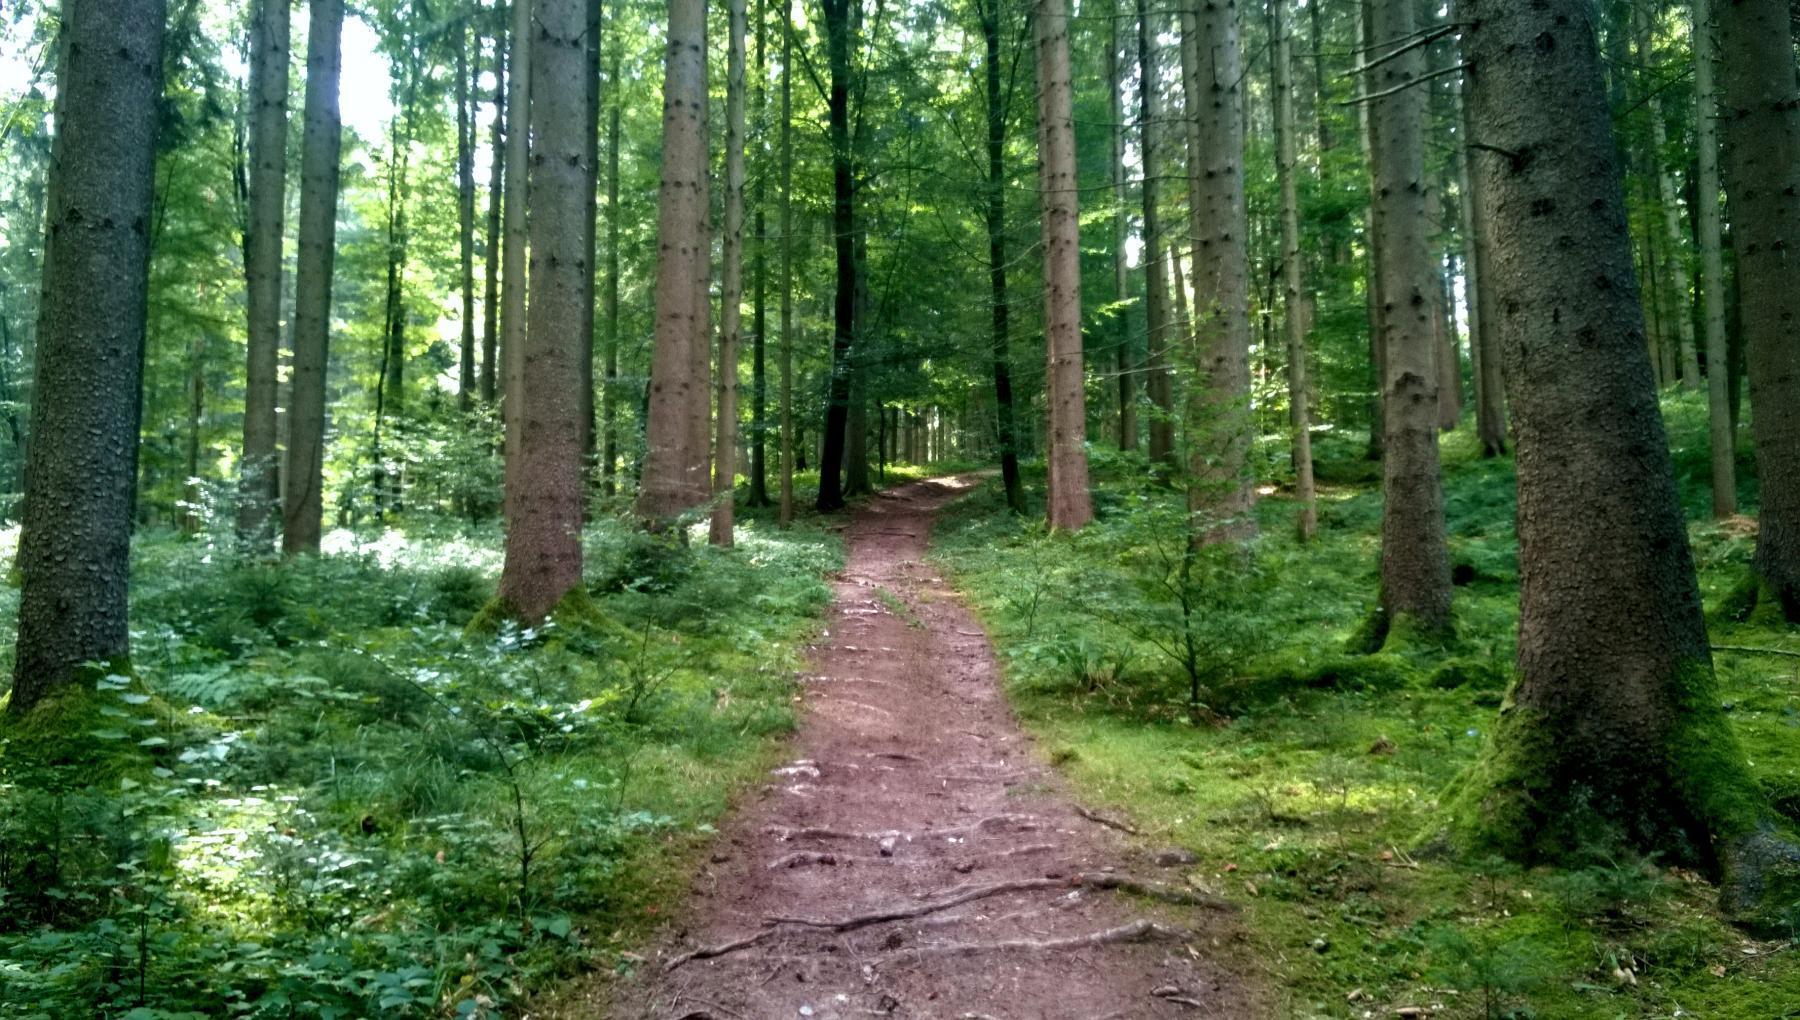 11a Geissberg oberhalb Wisbachtobel